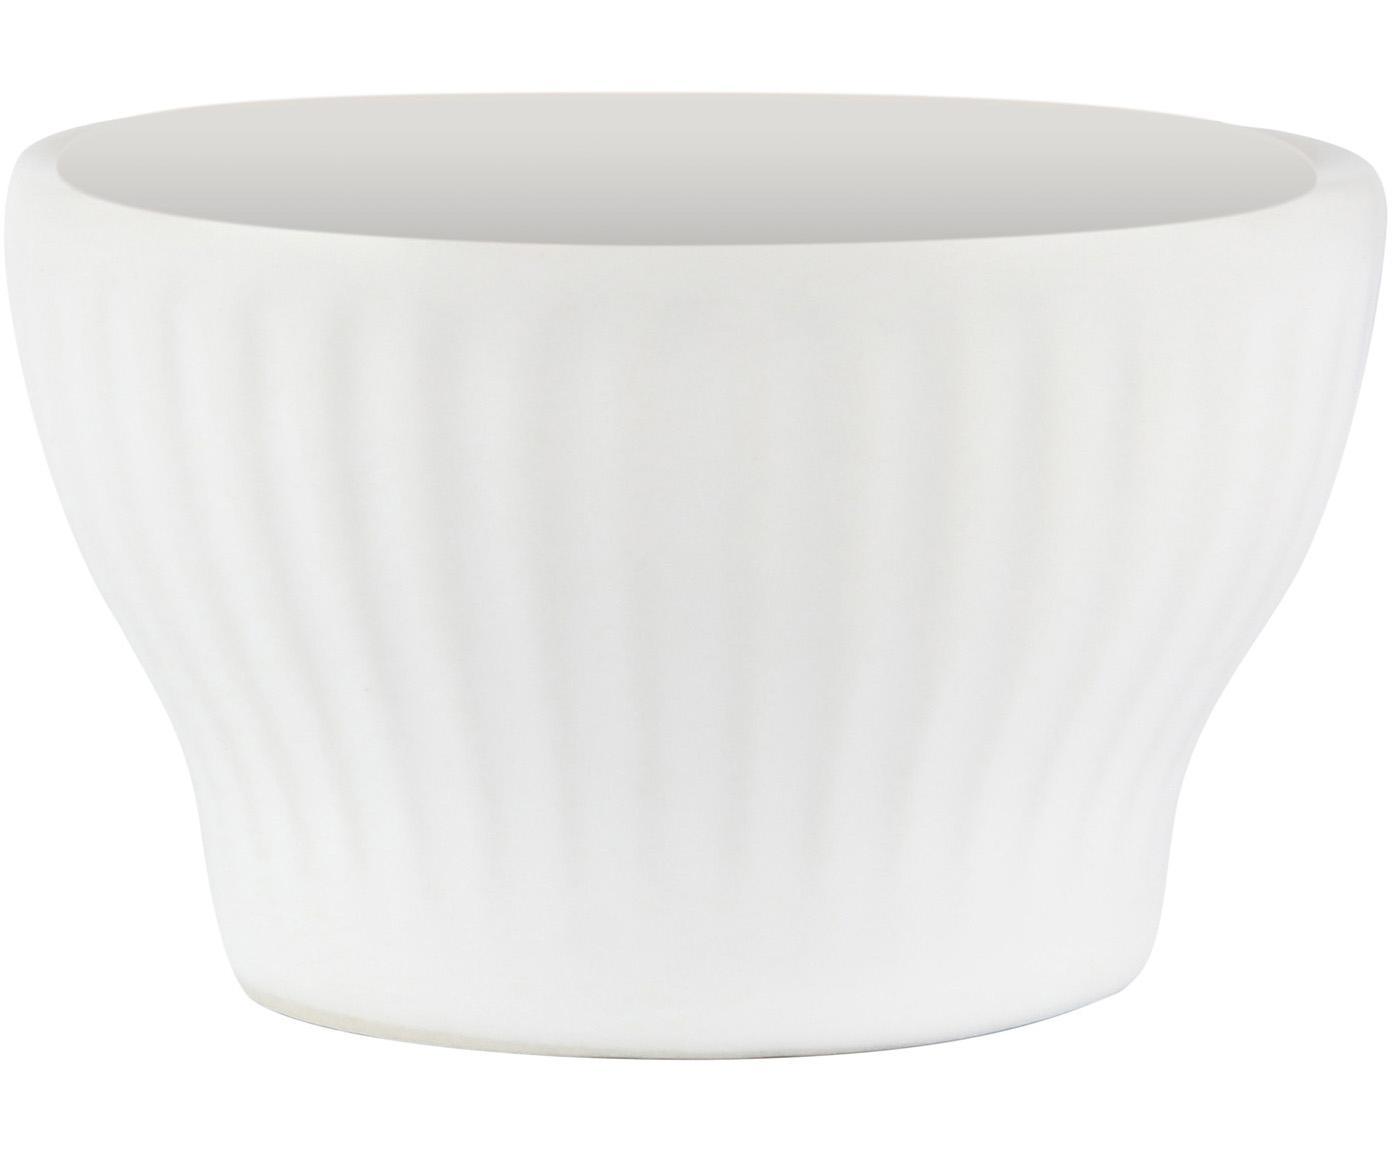 Kieliszek do jajek Groove, 4 szt., Kamionka, Biały, Ø 8 x W 5 cm